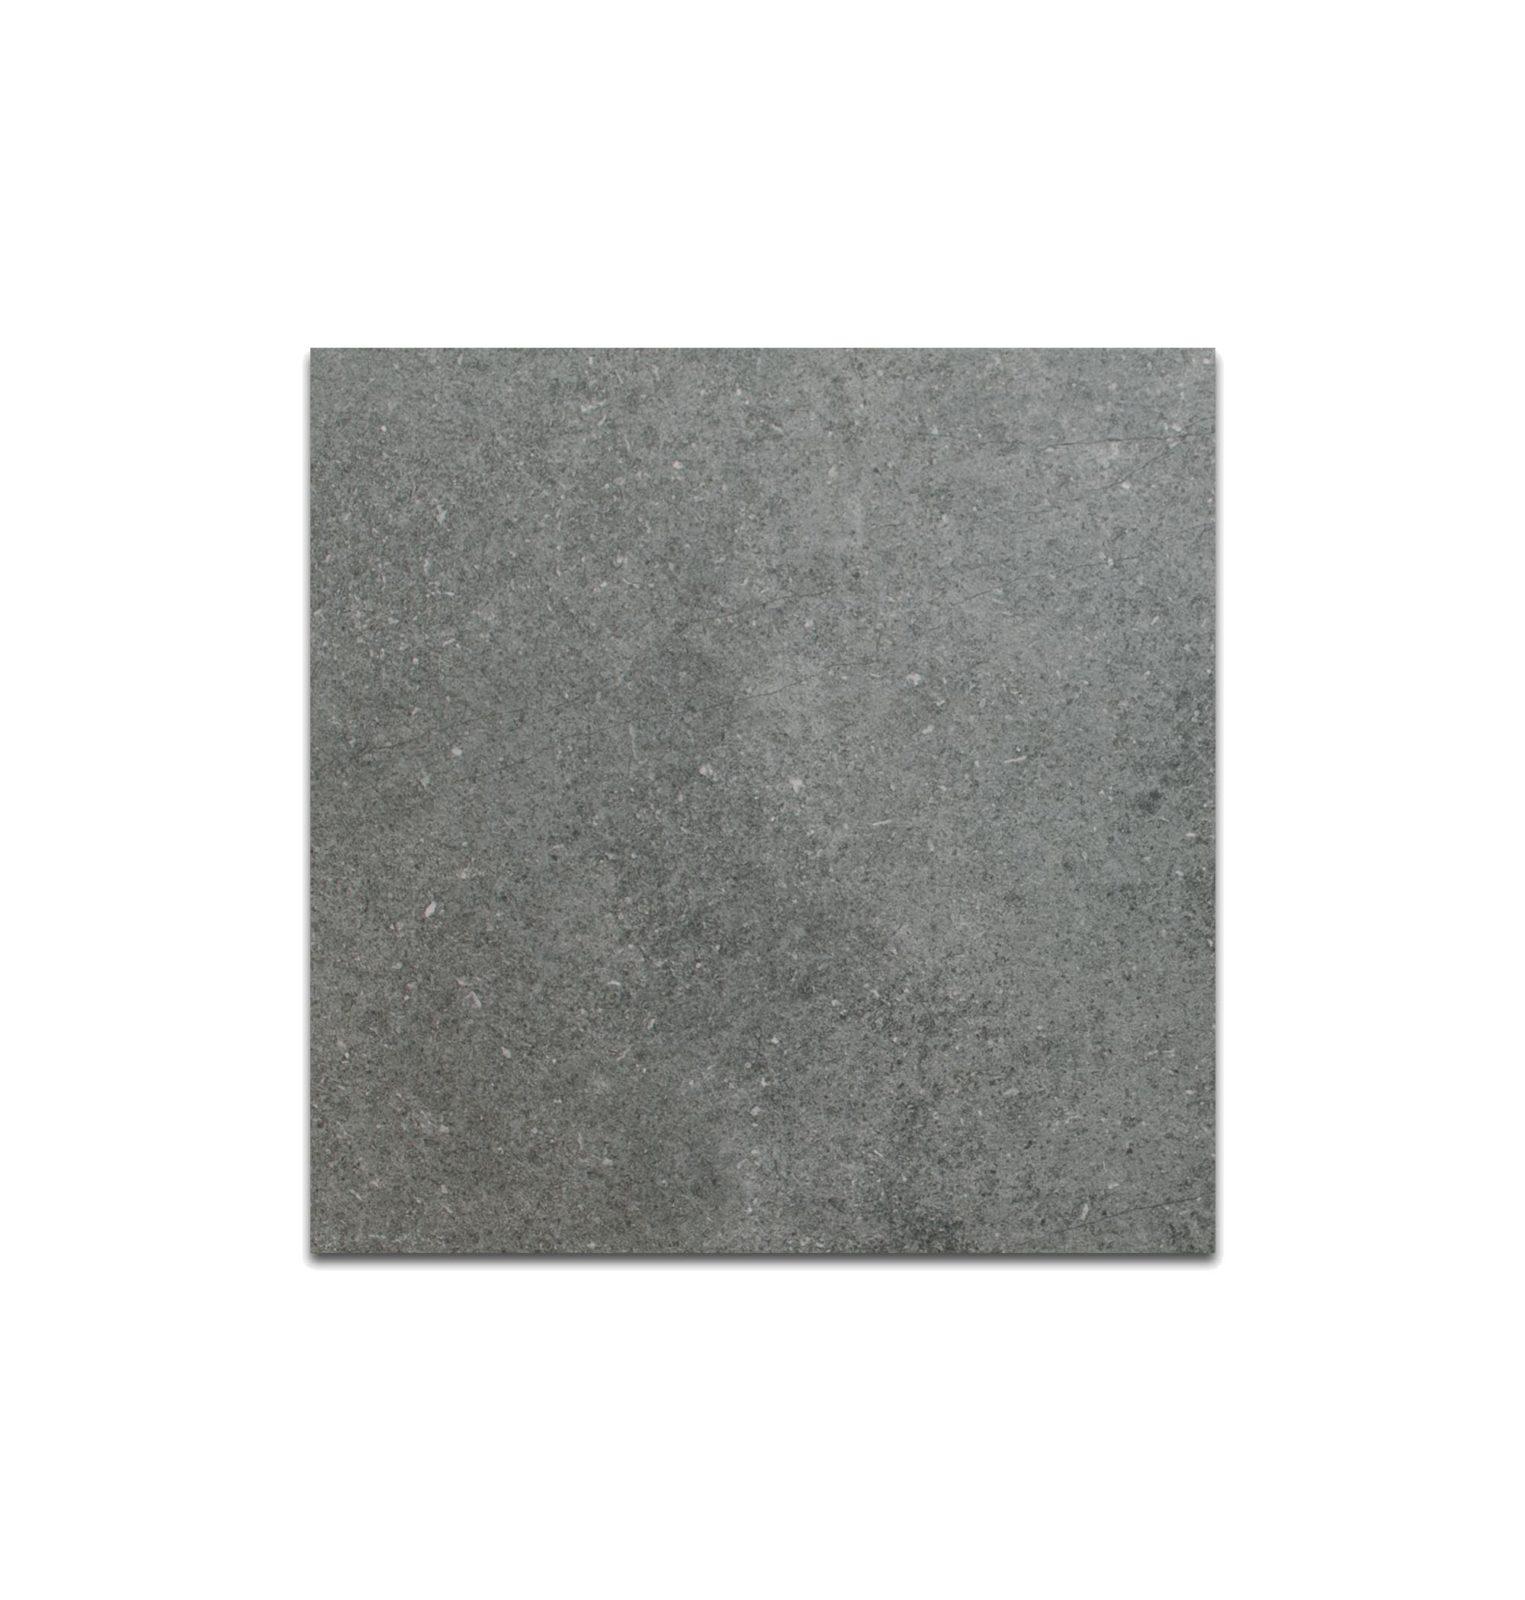 """Panaria True Soft Black Porcelain Tile 12"""" x 12"""" Schillings"""